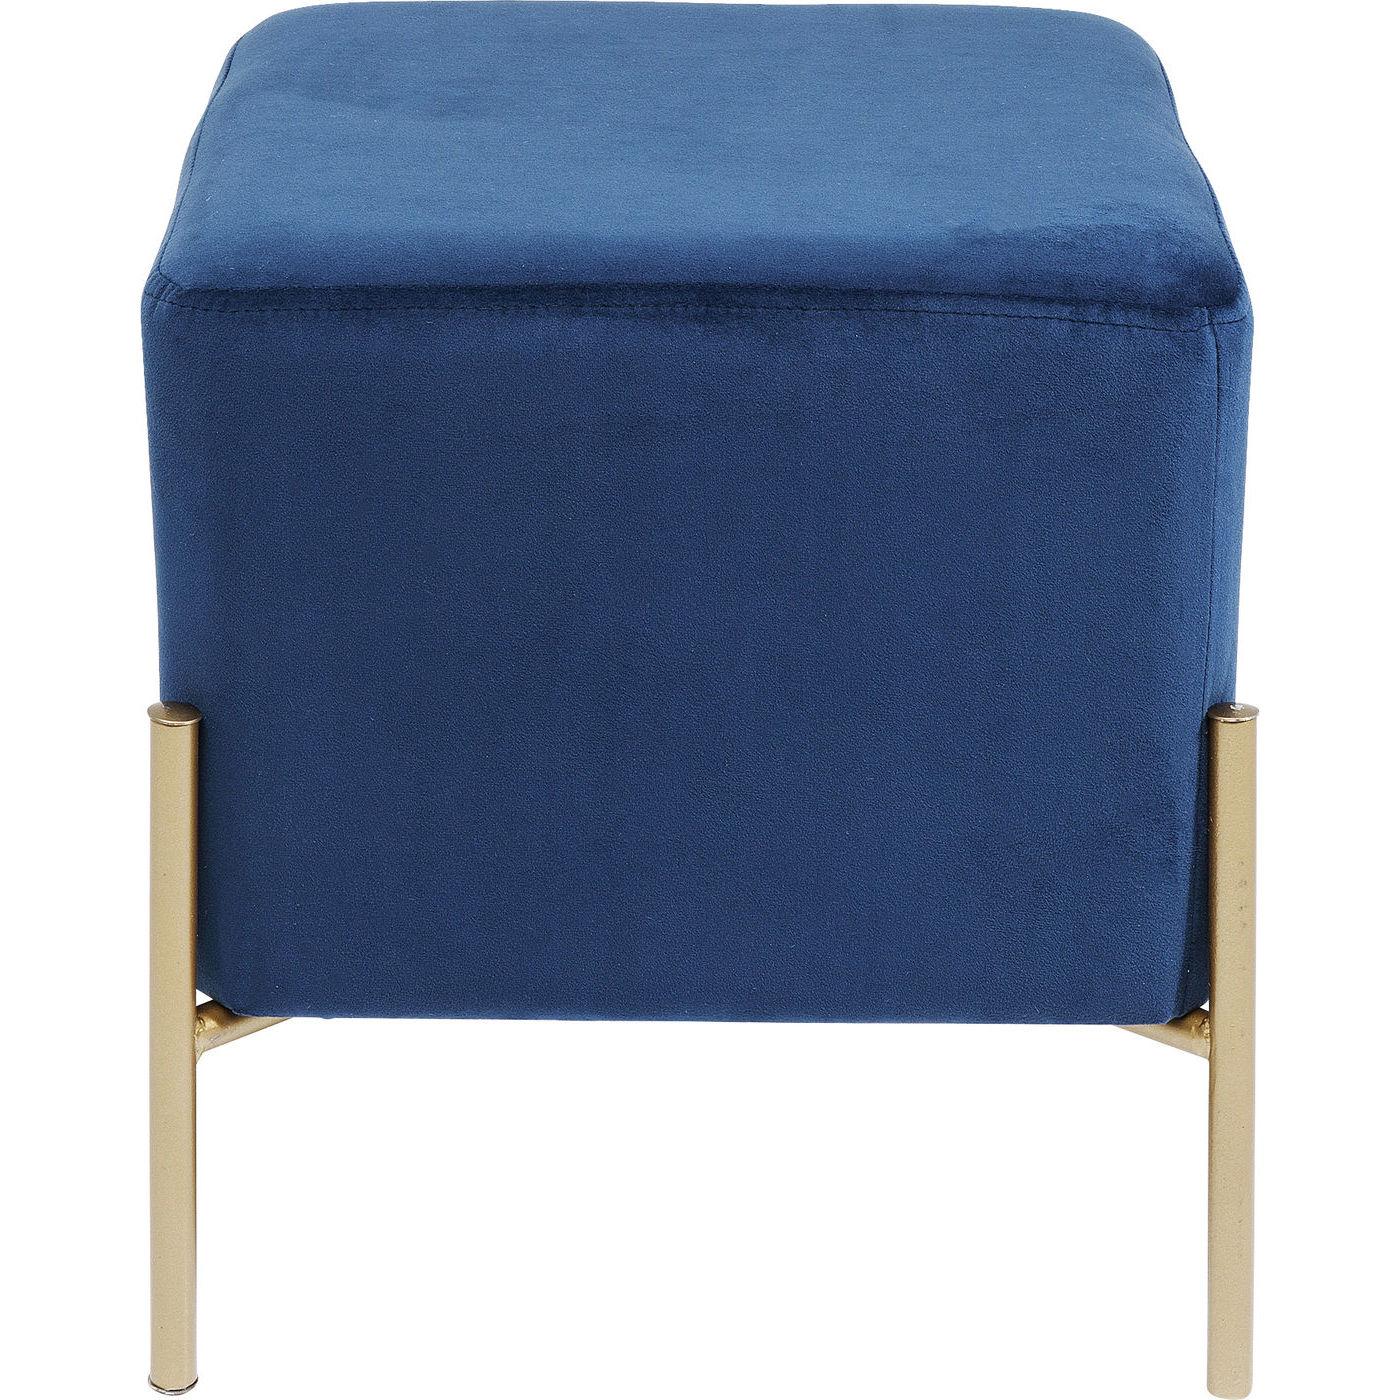 Image of   KARE DESIGN Franzi Blue Gold taburet - blåt stof/guld stål (37x37)